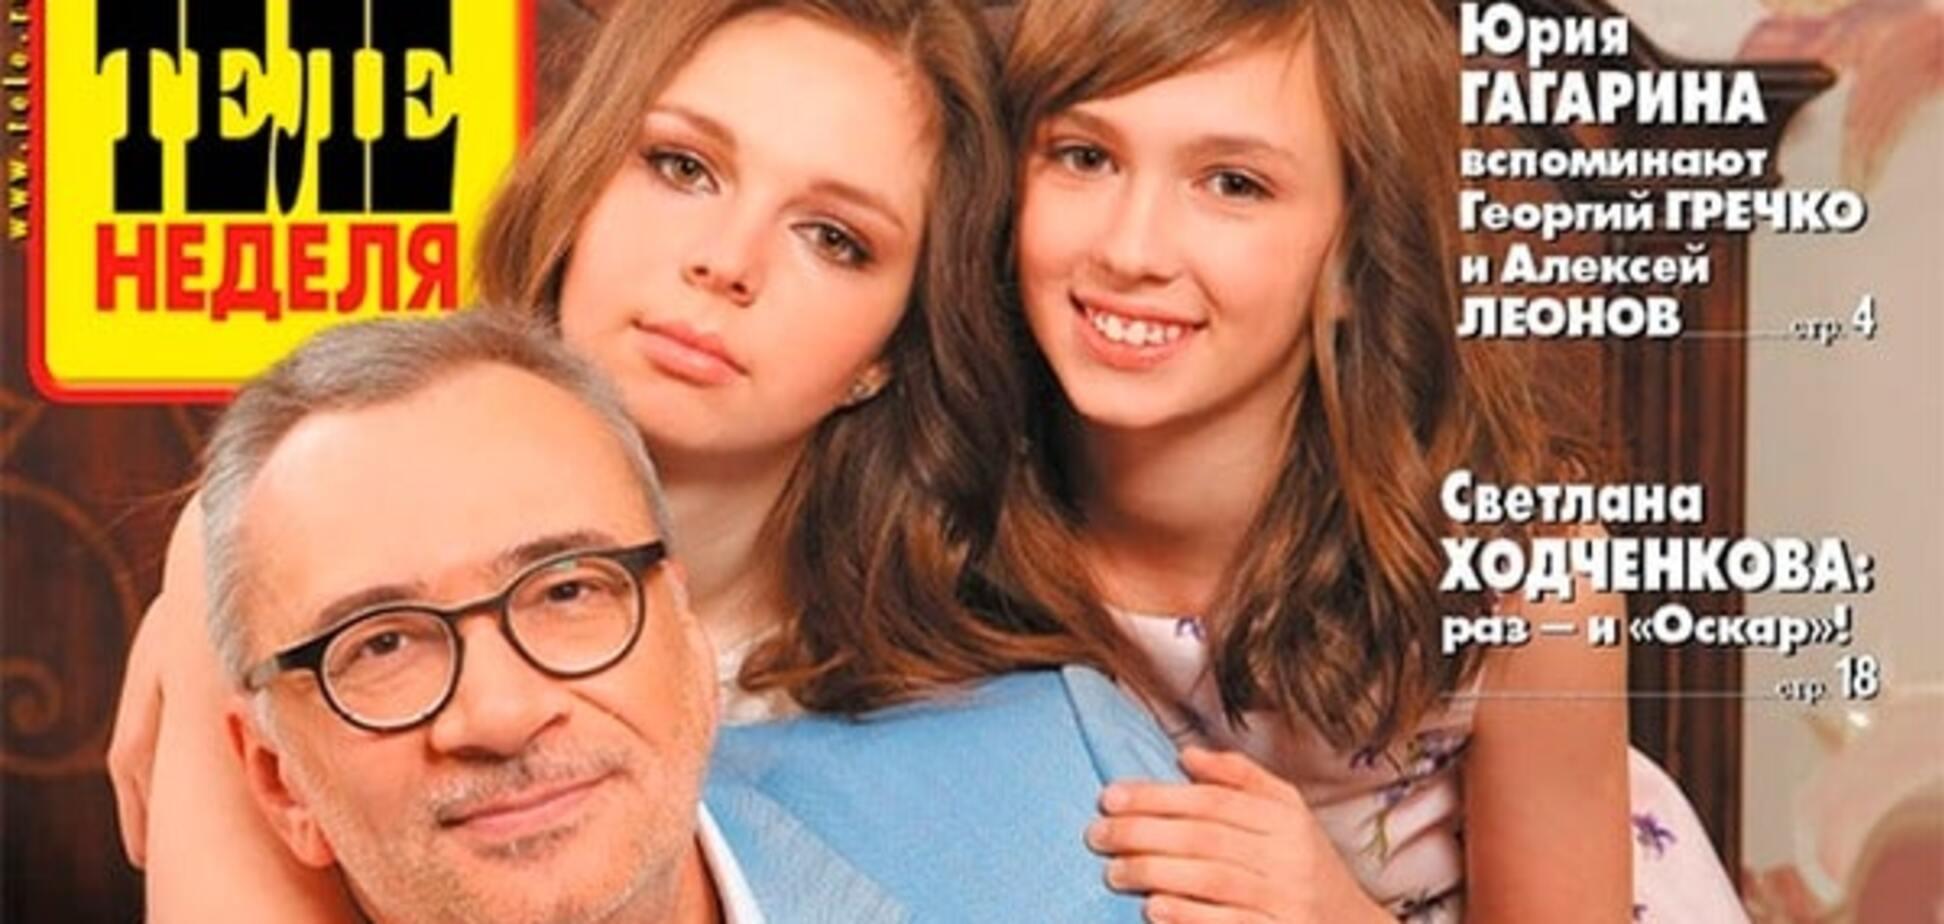 Константин Меладзе с дочерьми